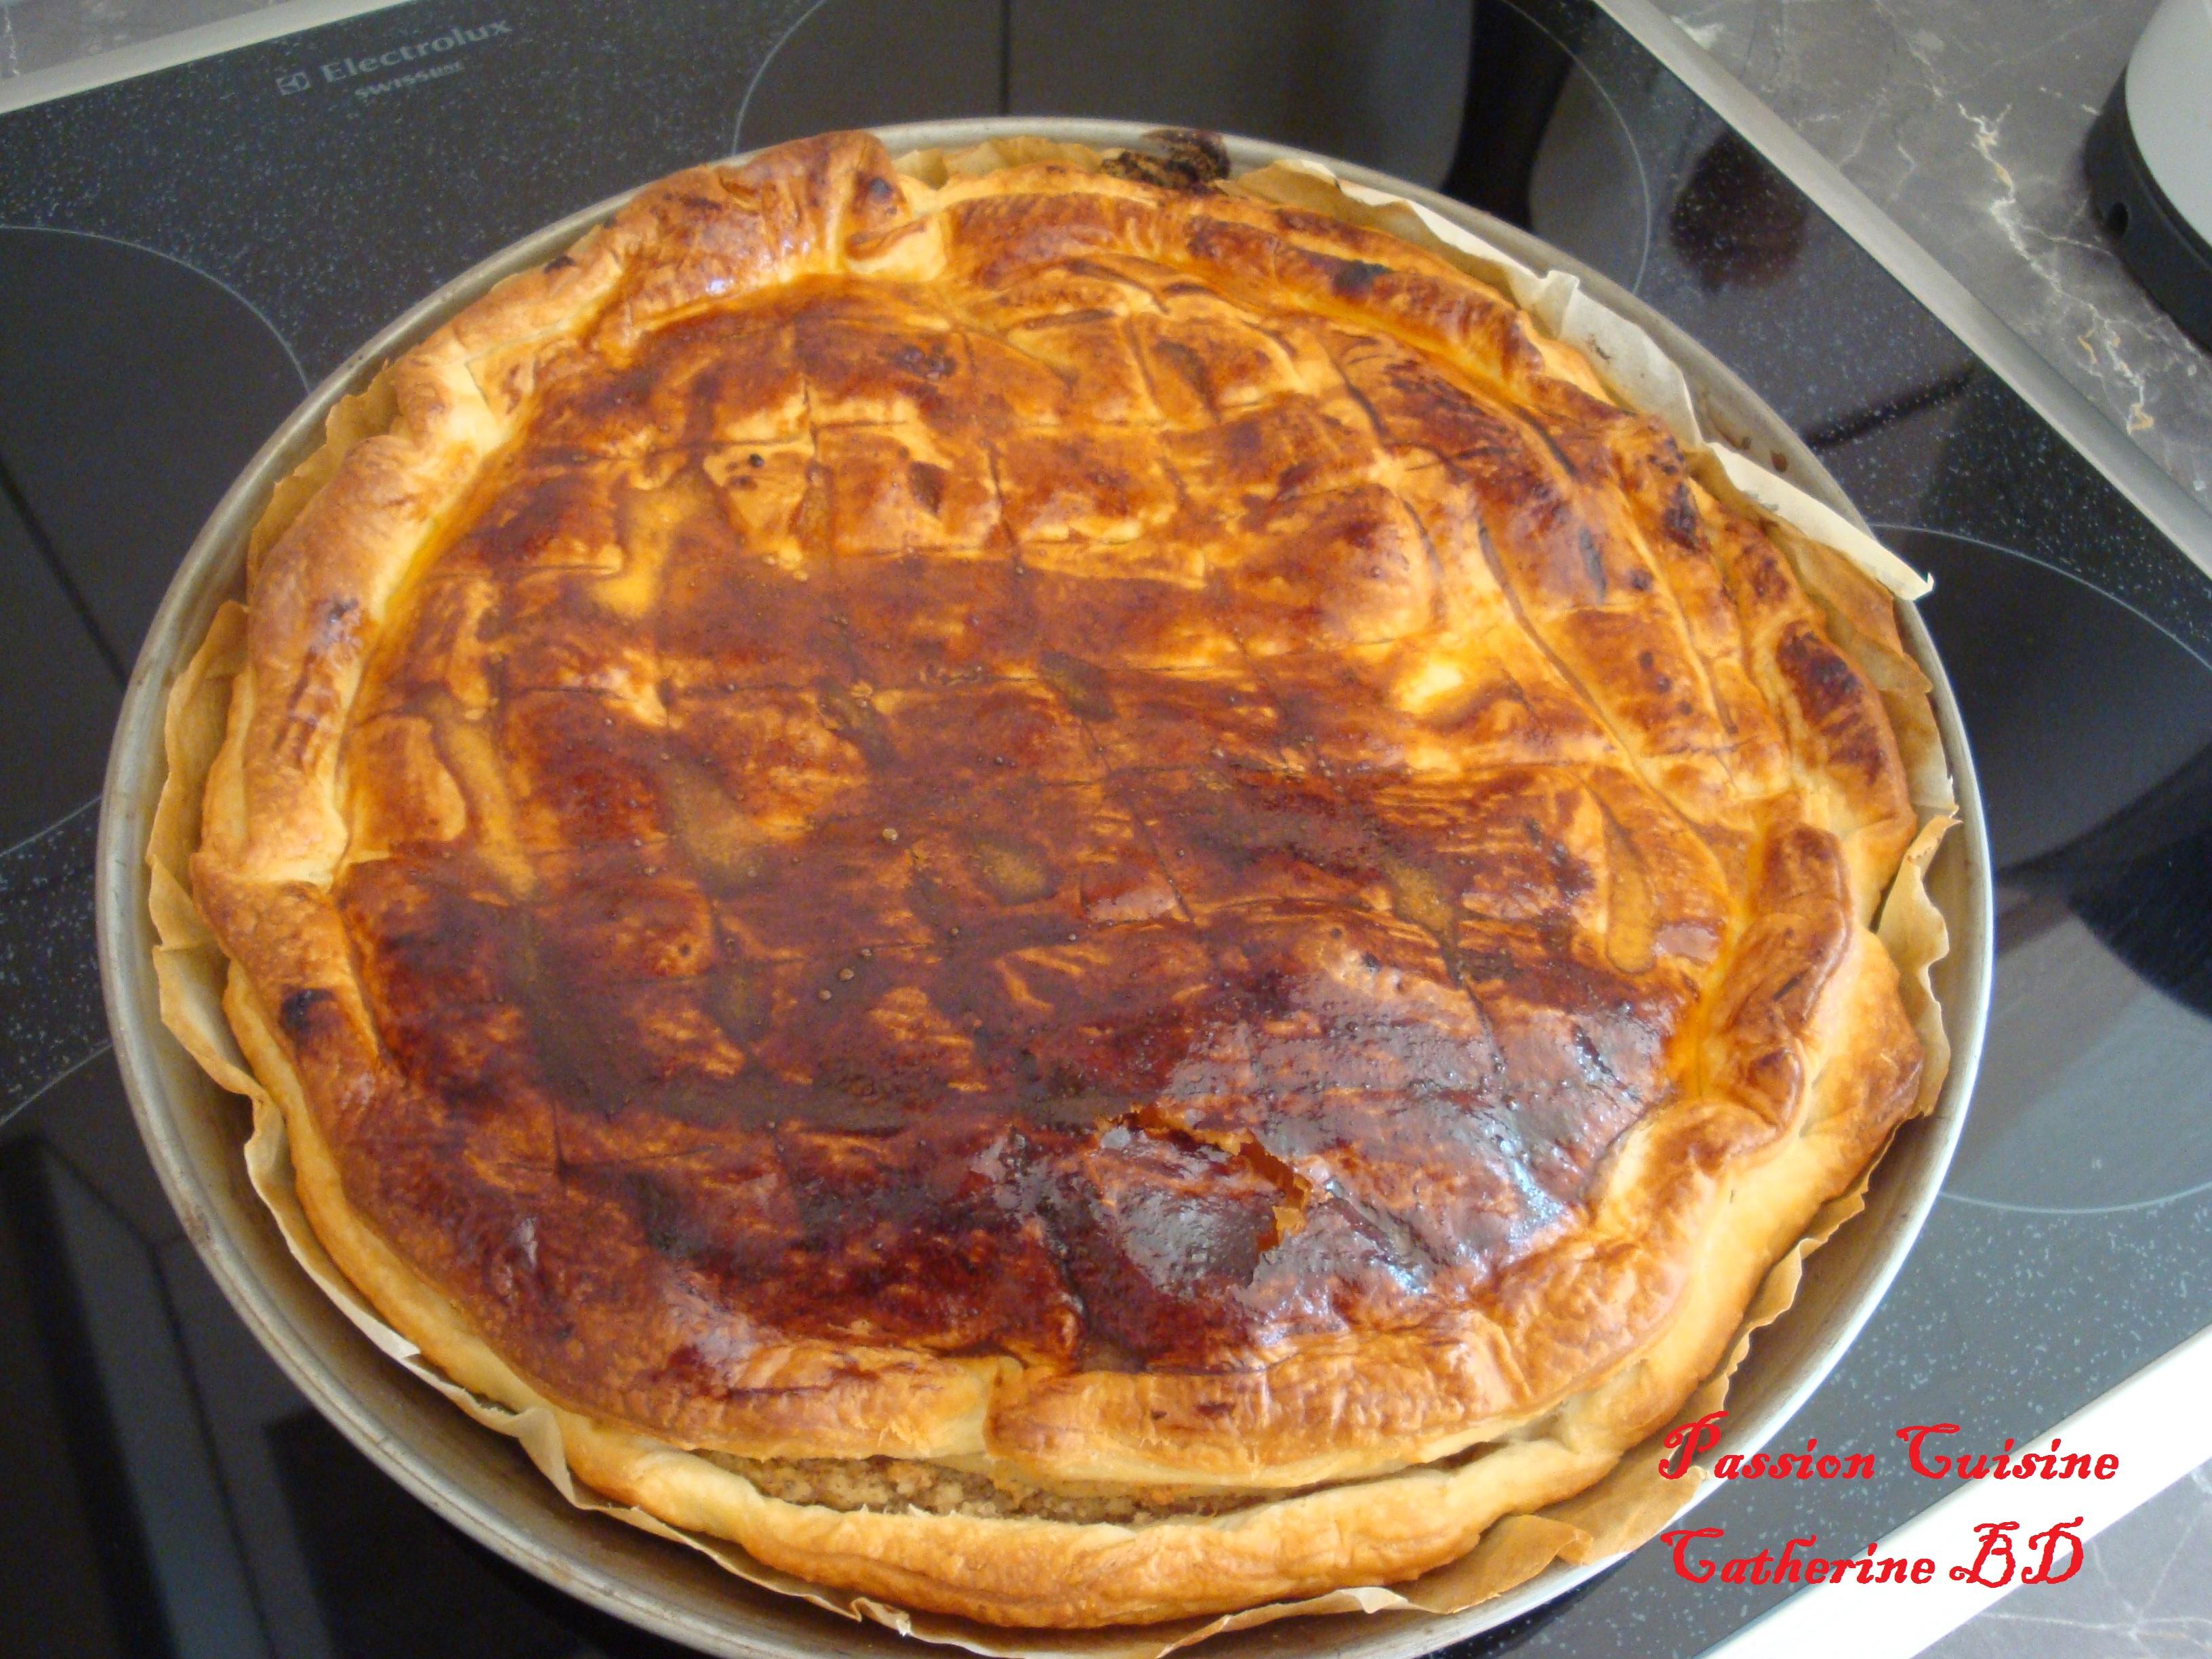 Galette des rois passion cuisine for Passion cuisine